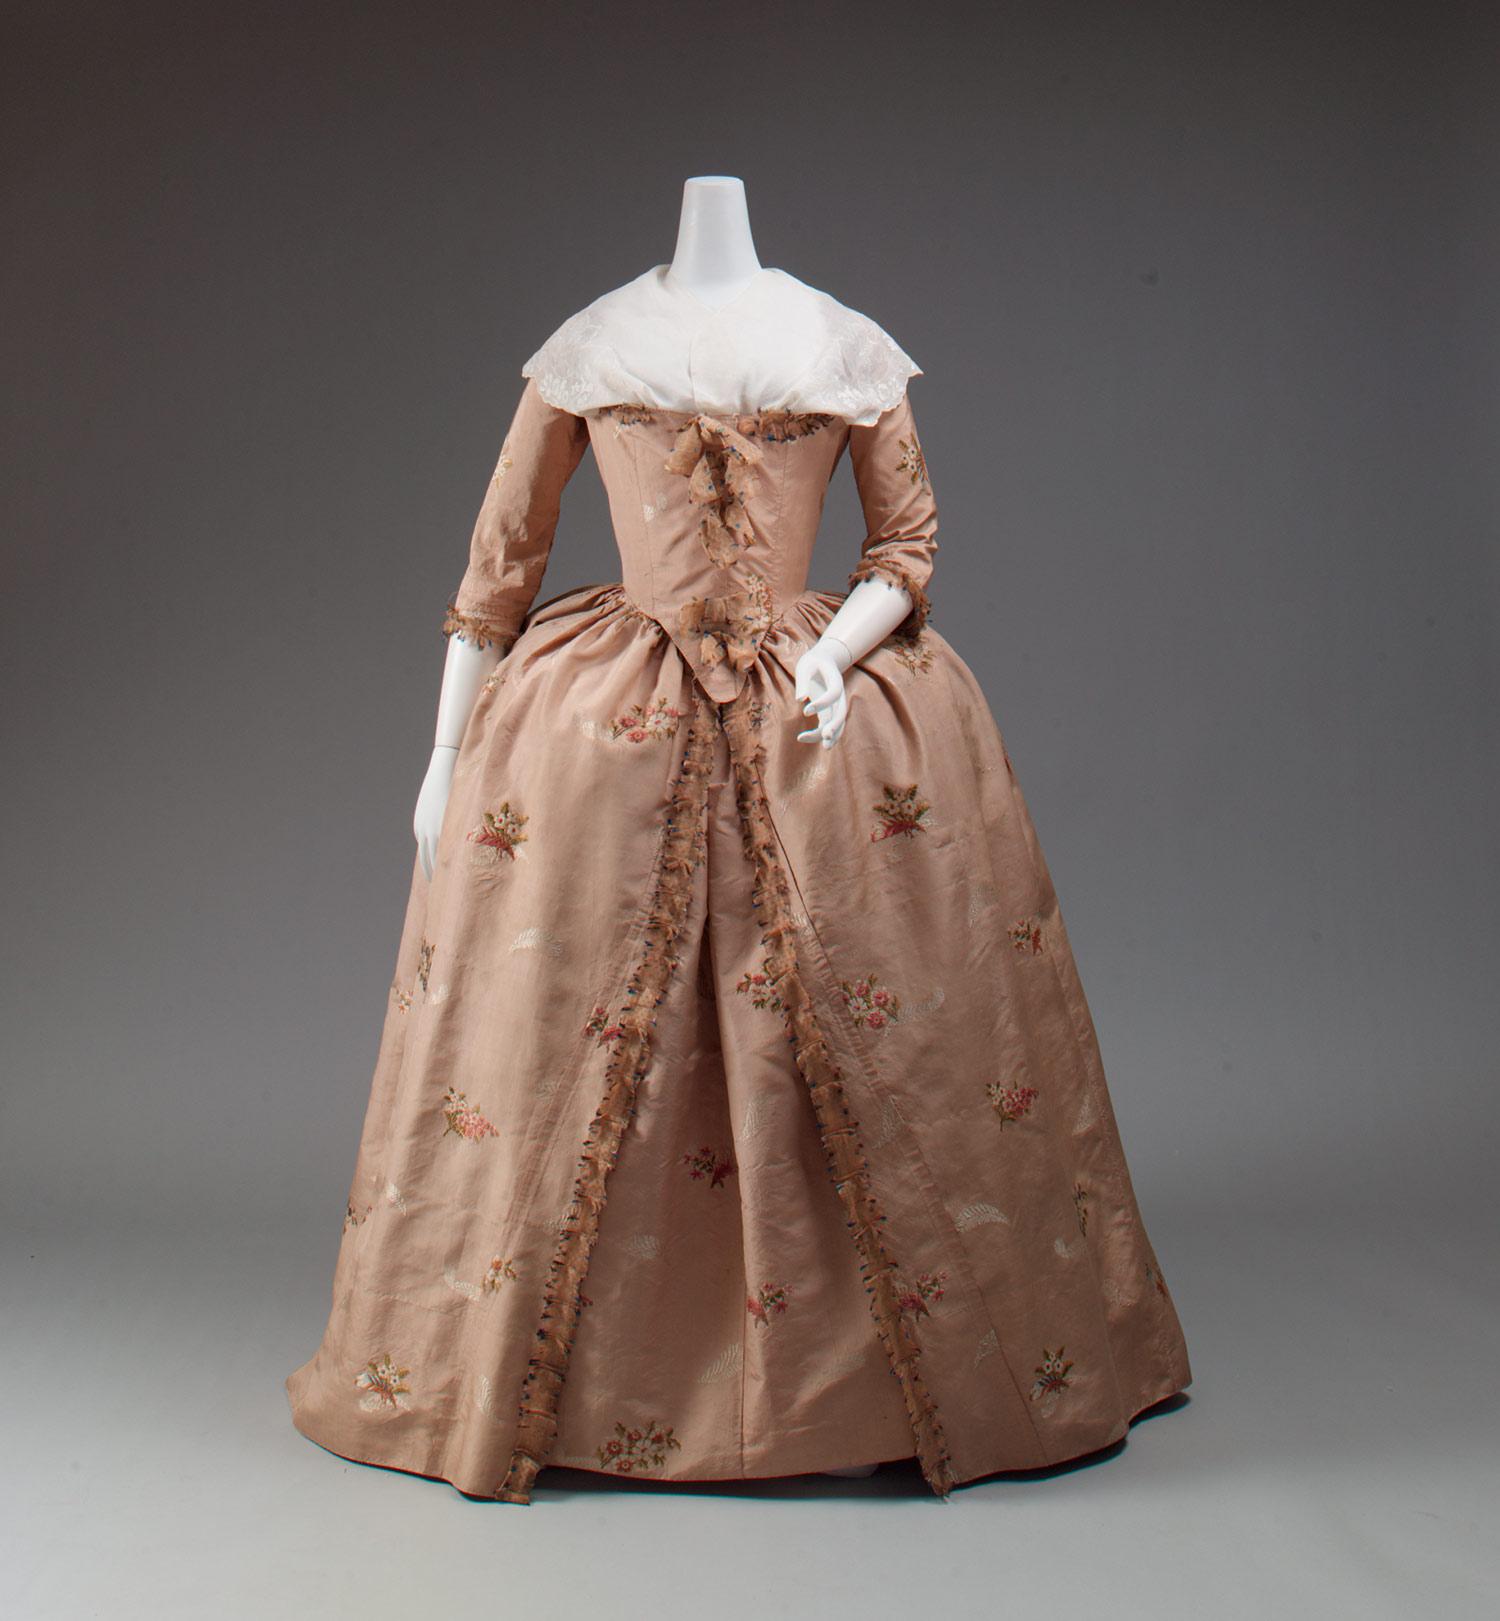 Assez La robe à l'anglaise ( XVIIIè siècle) - Un Certain regard. FX59